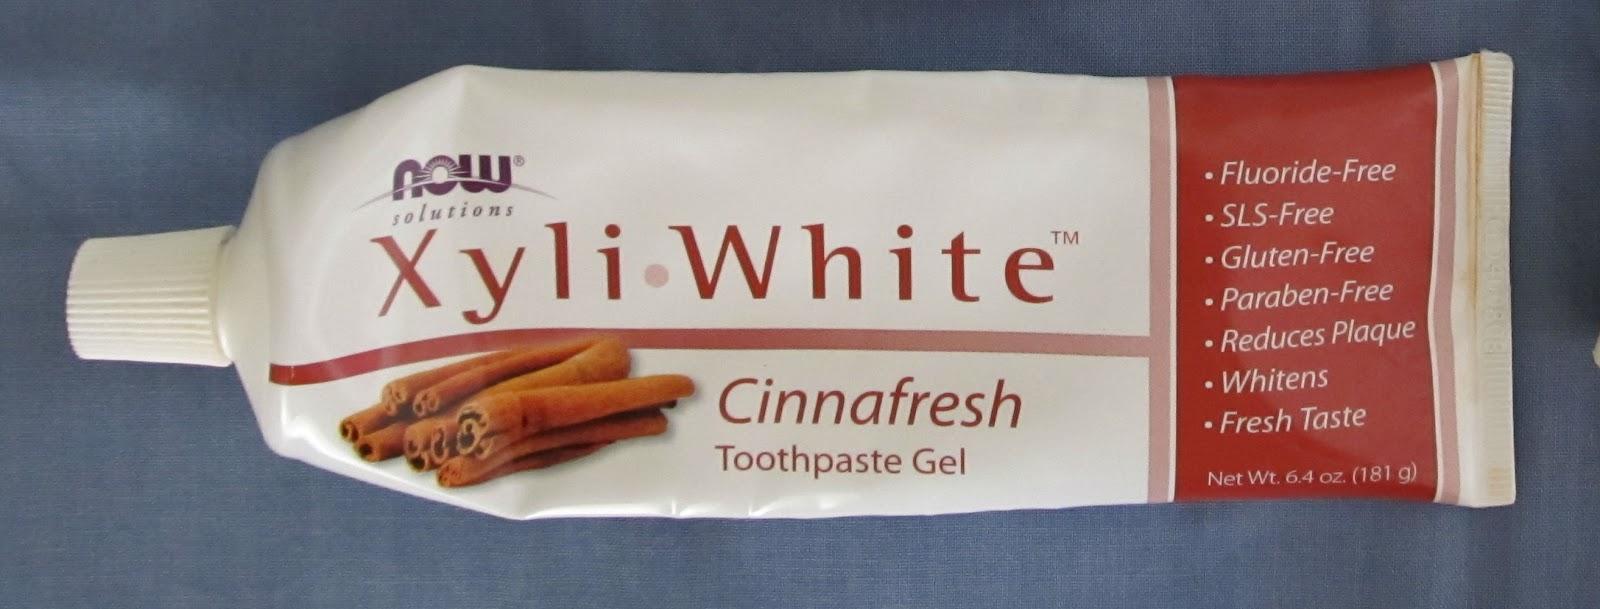 Освіжаюча зубна гель-паста Xyliwhite від Now Foods з корицею